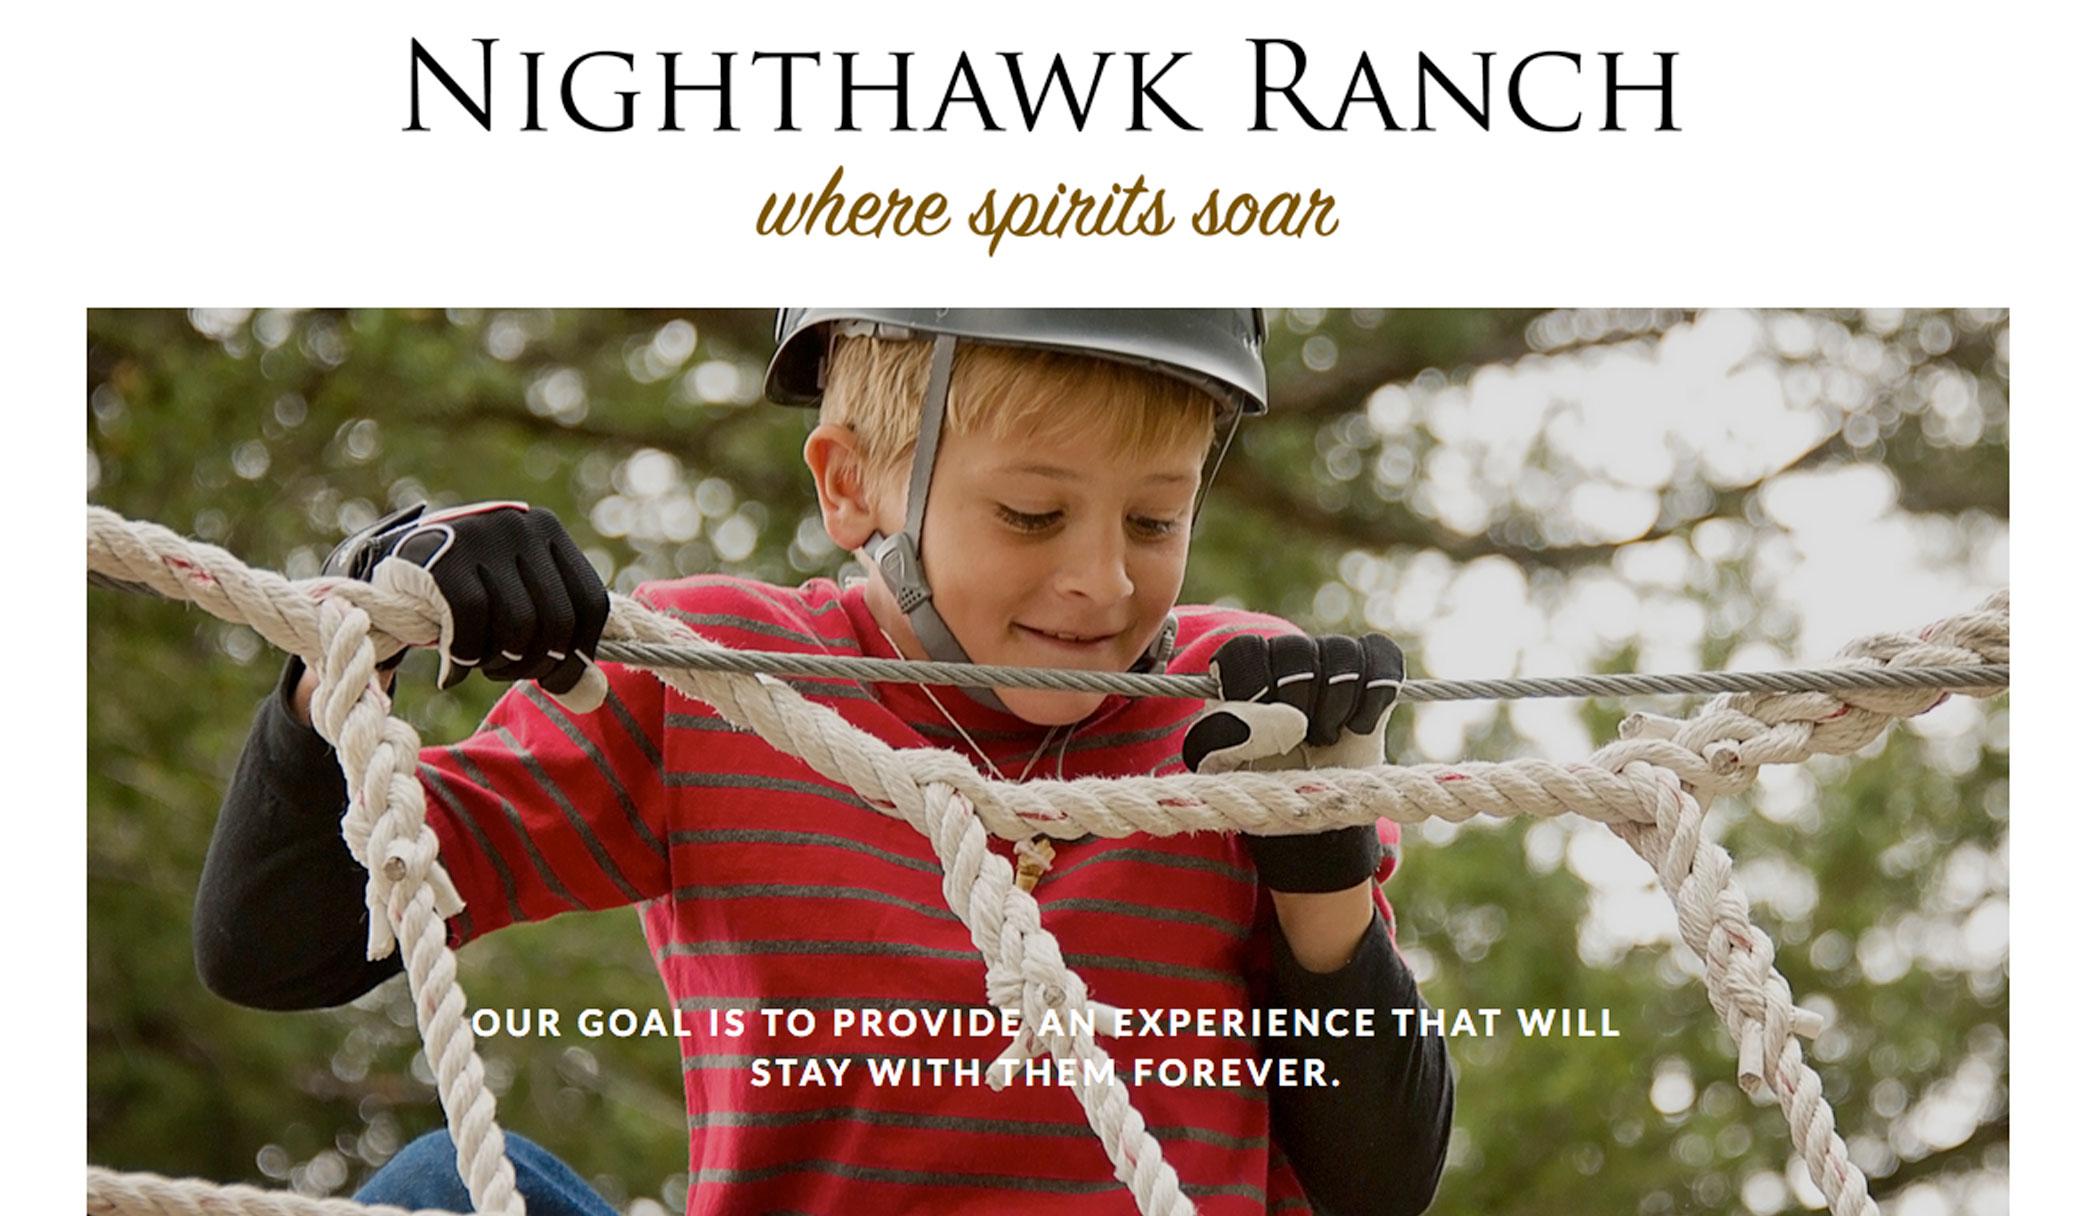 Nighthawk Ranch